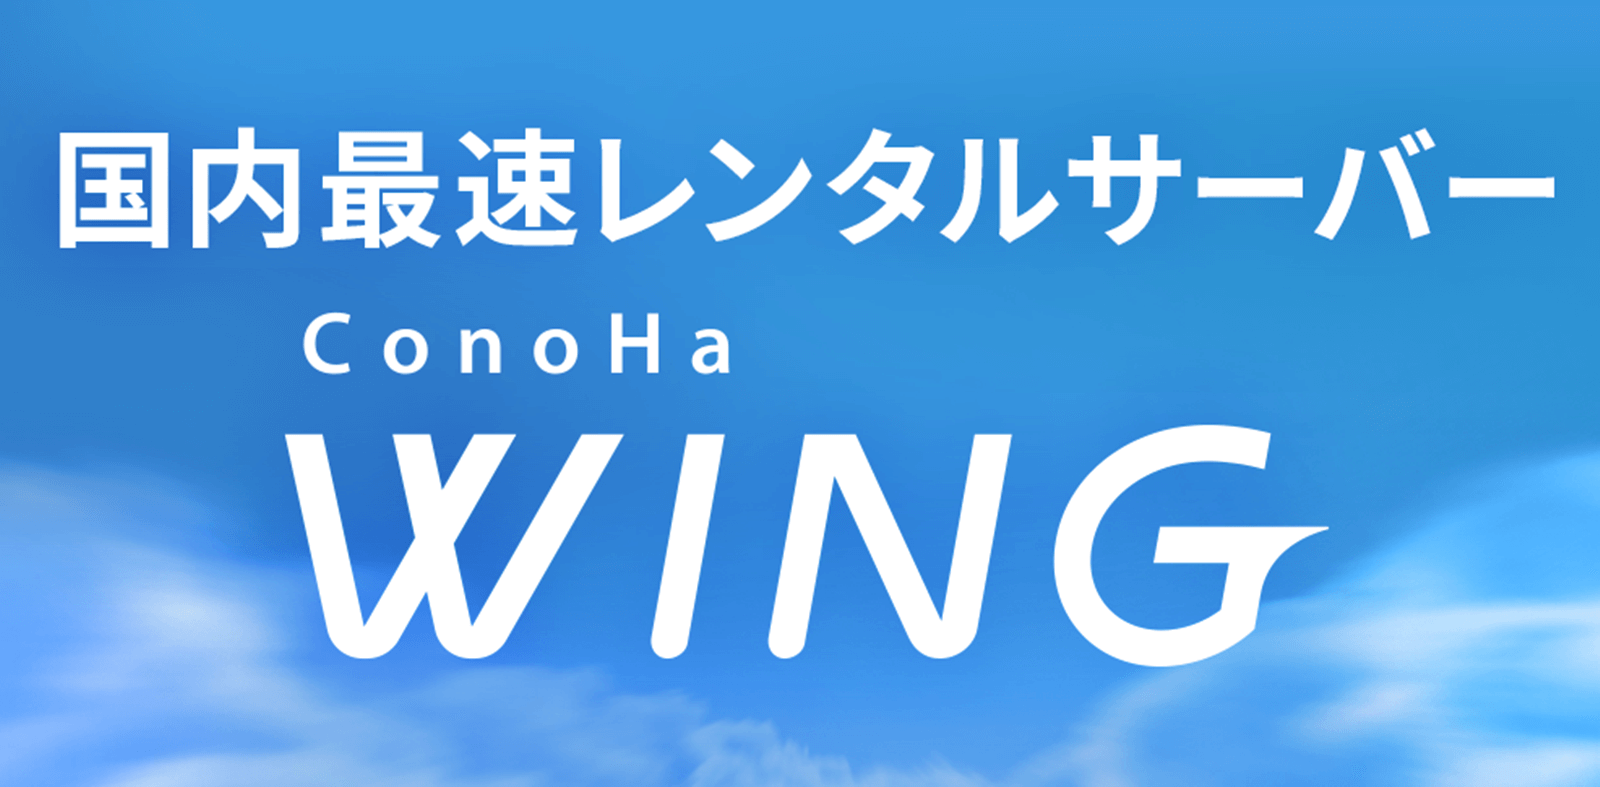 ConoHa WING(レンタルサーバー)